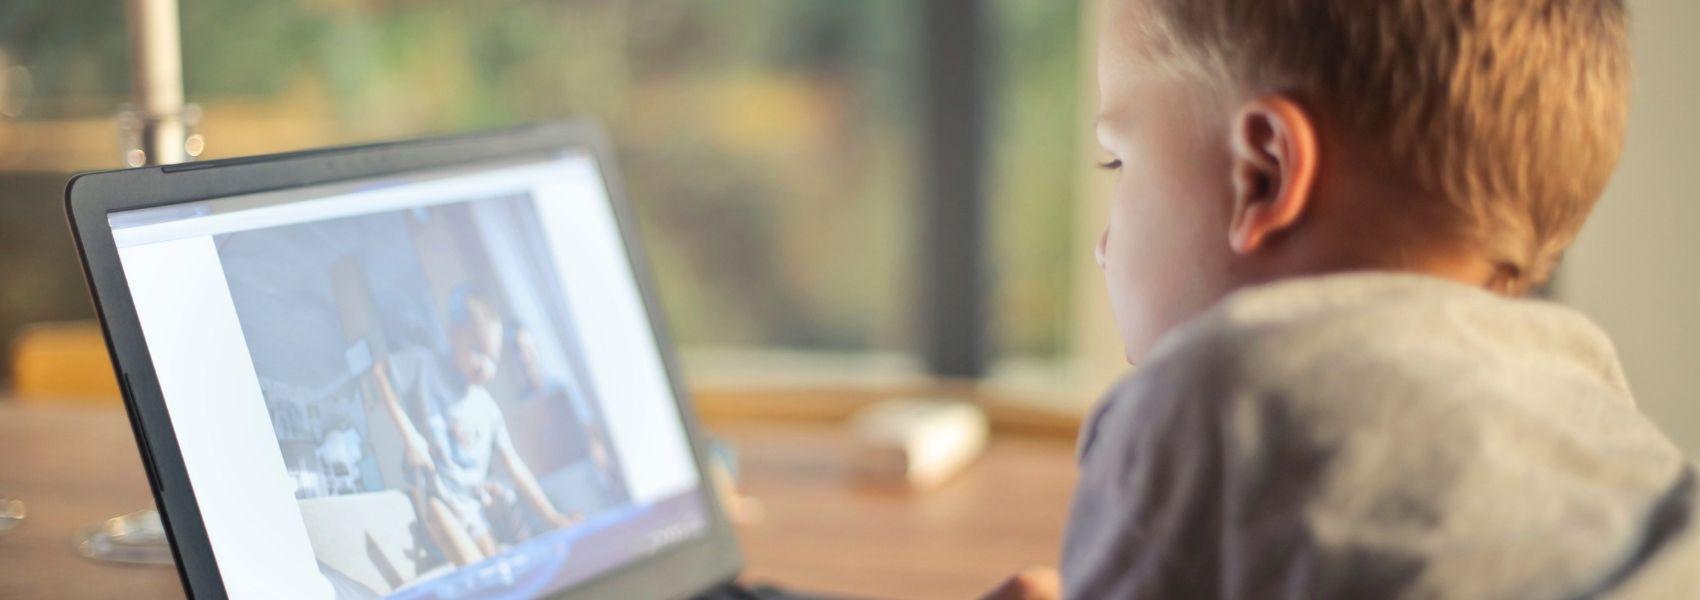 Pais têm cada vez mais dificuldade em controlar acesso dos filhos às redes sociais